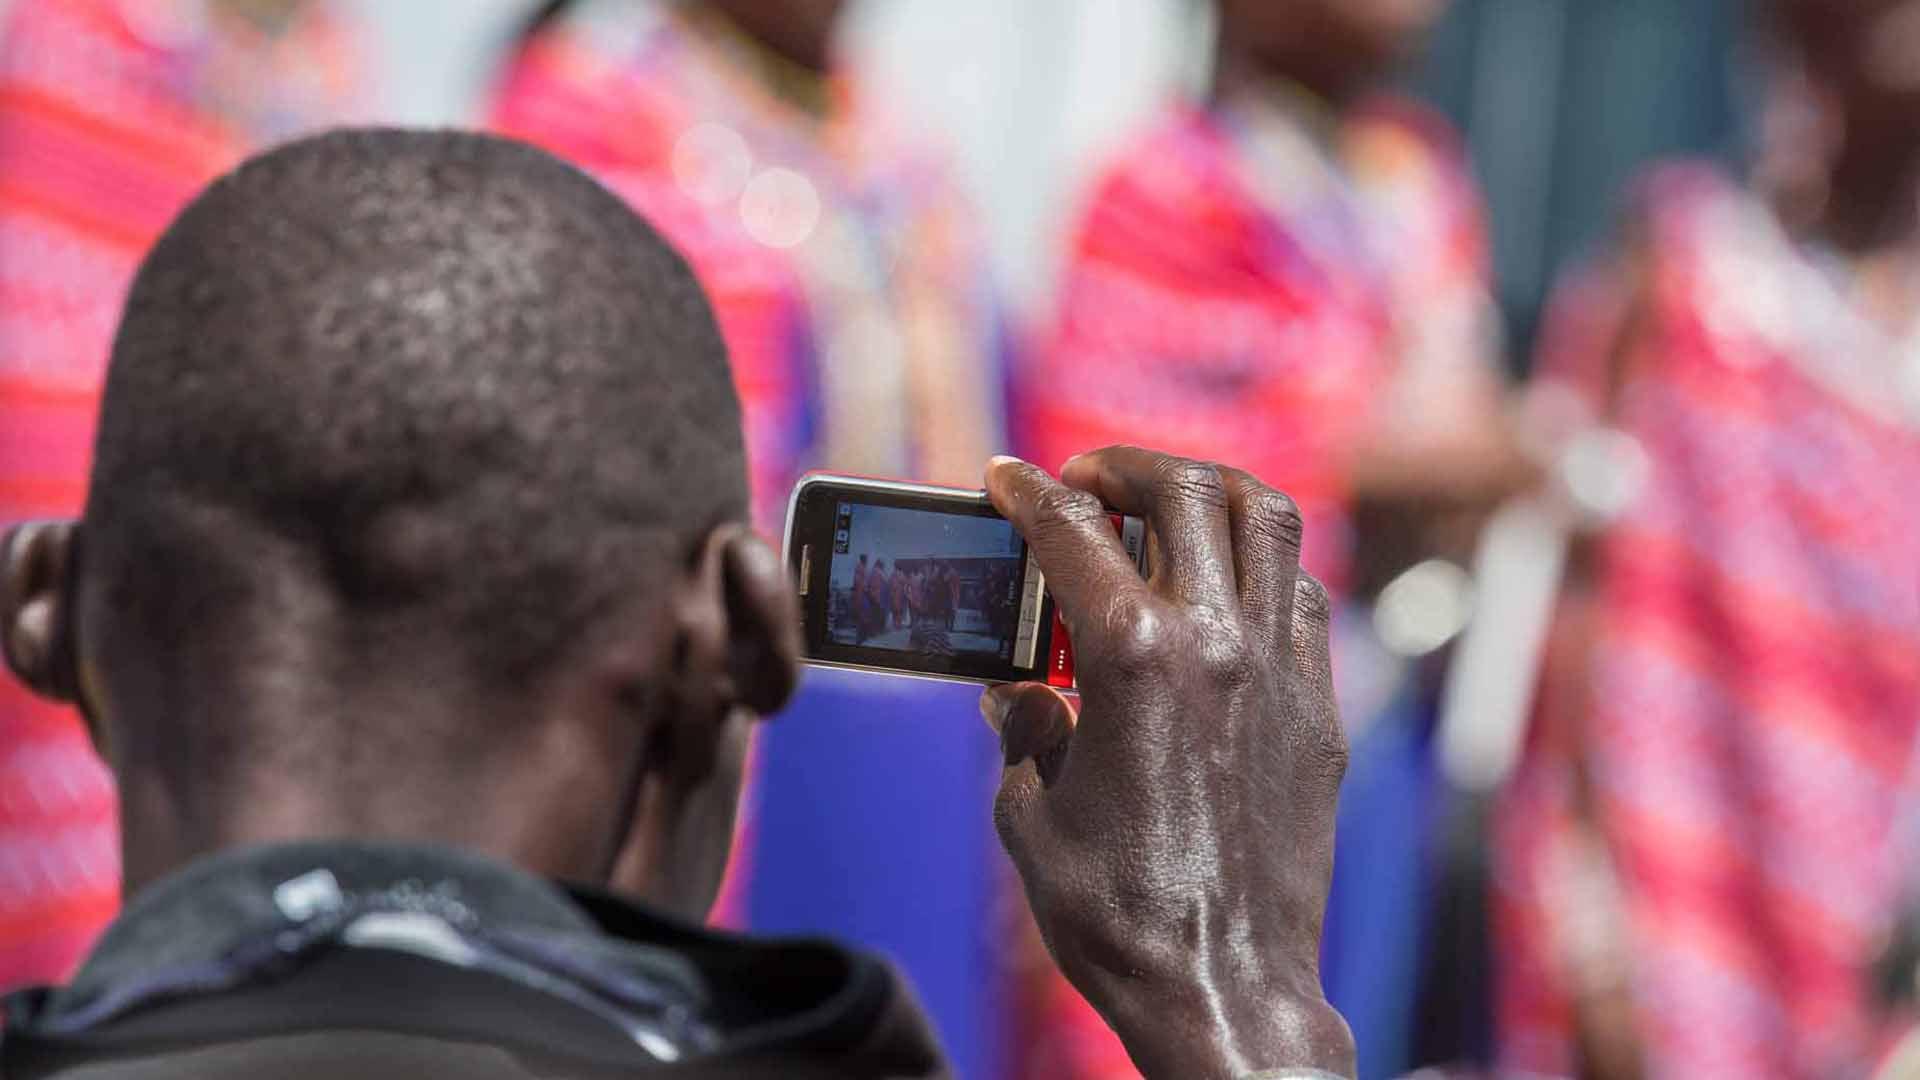 masai-taking-photo